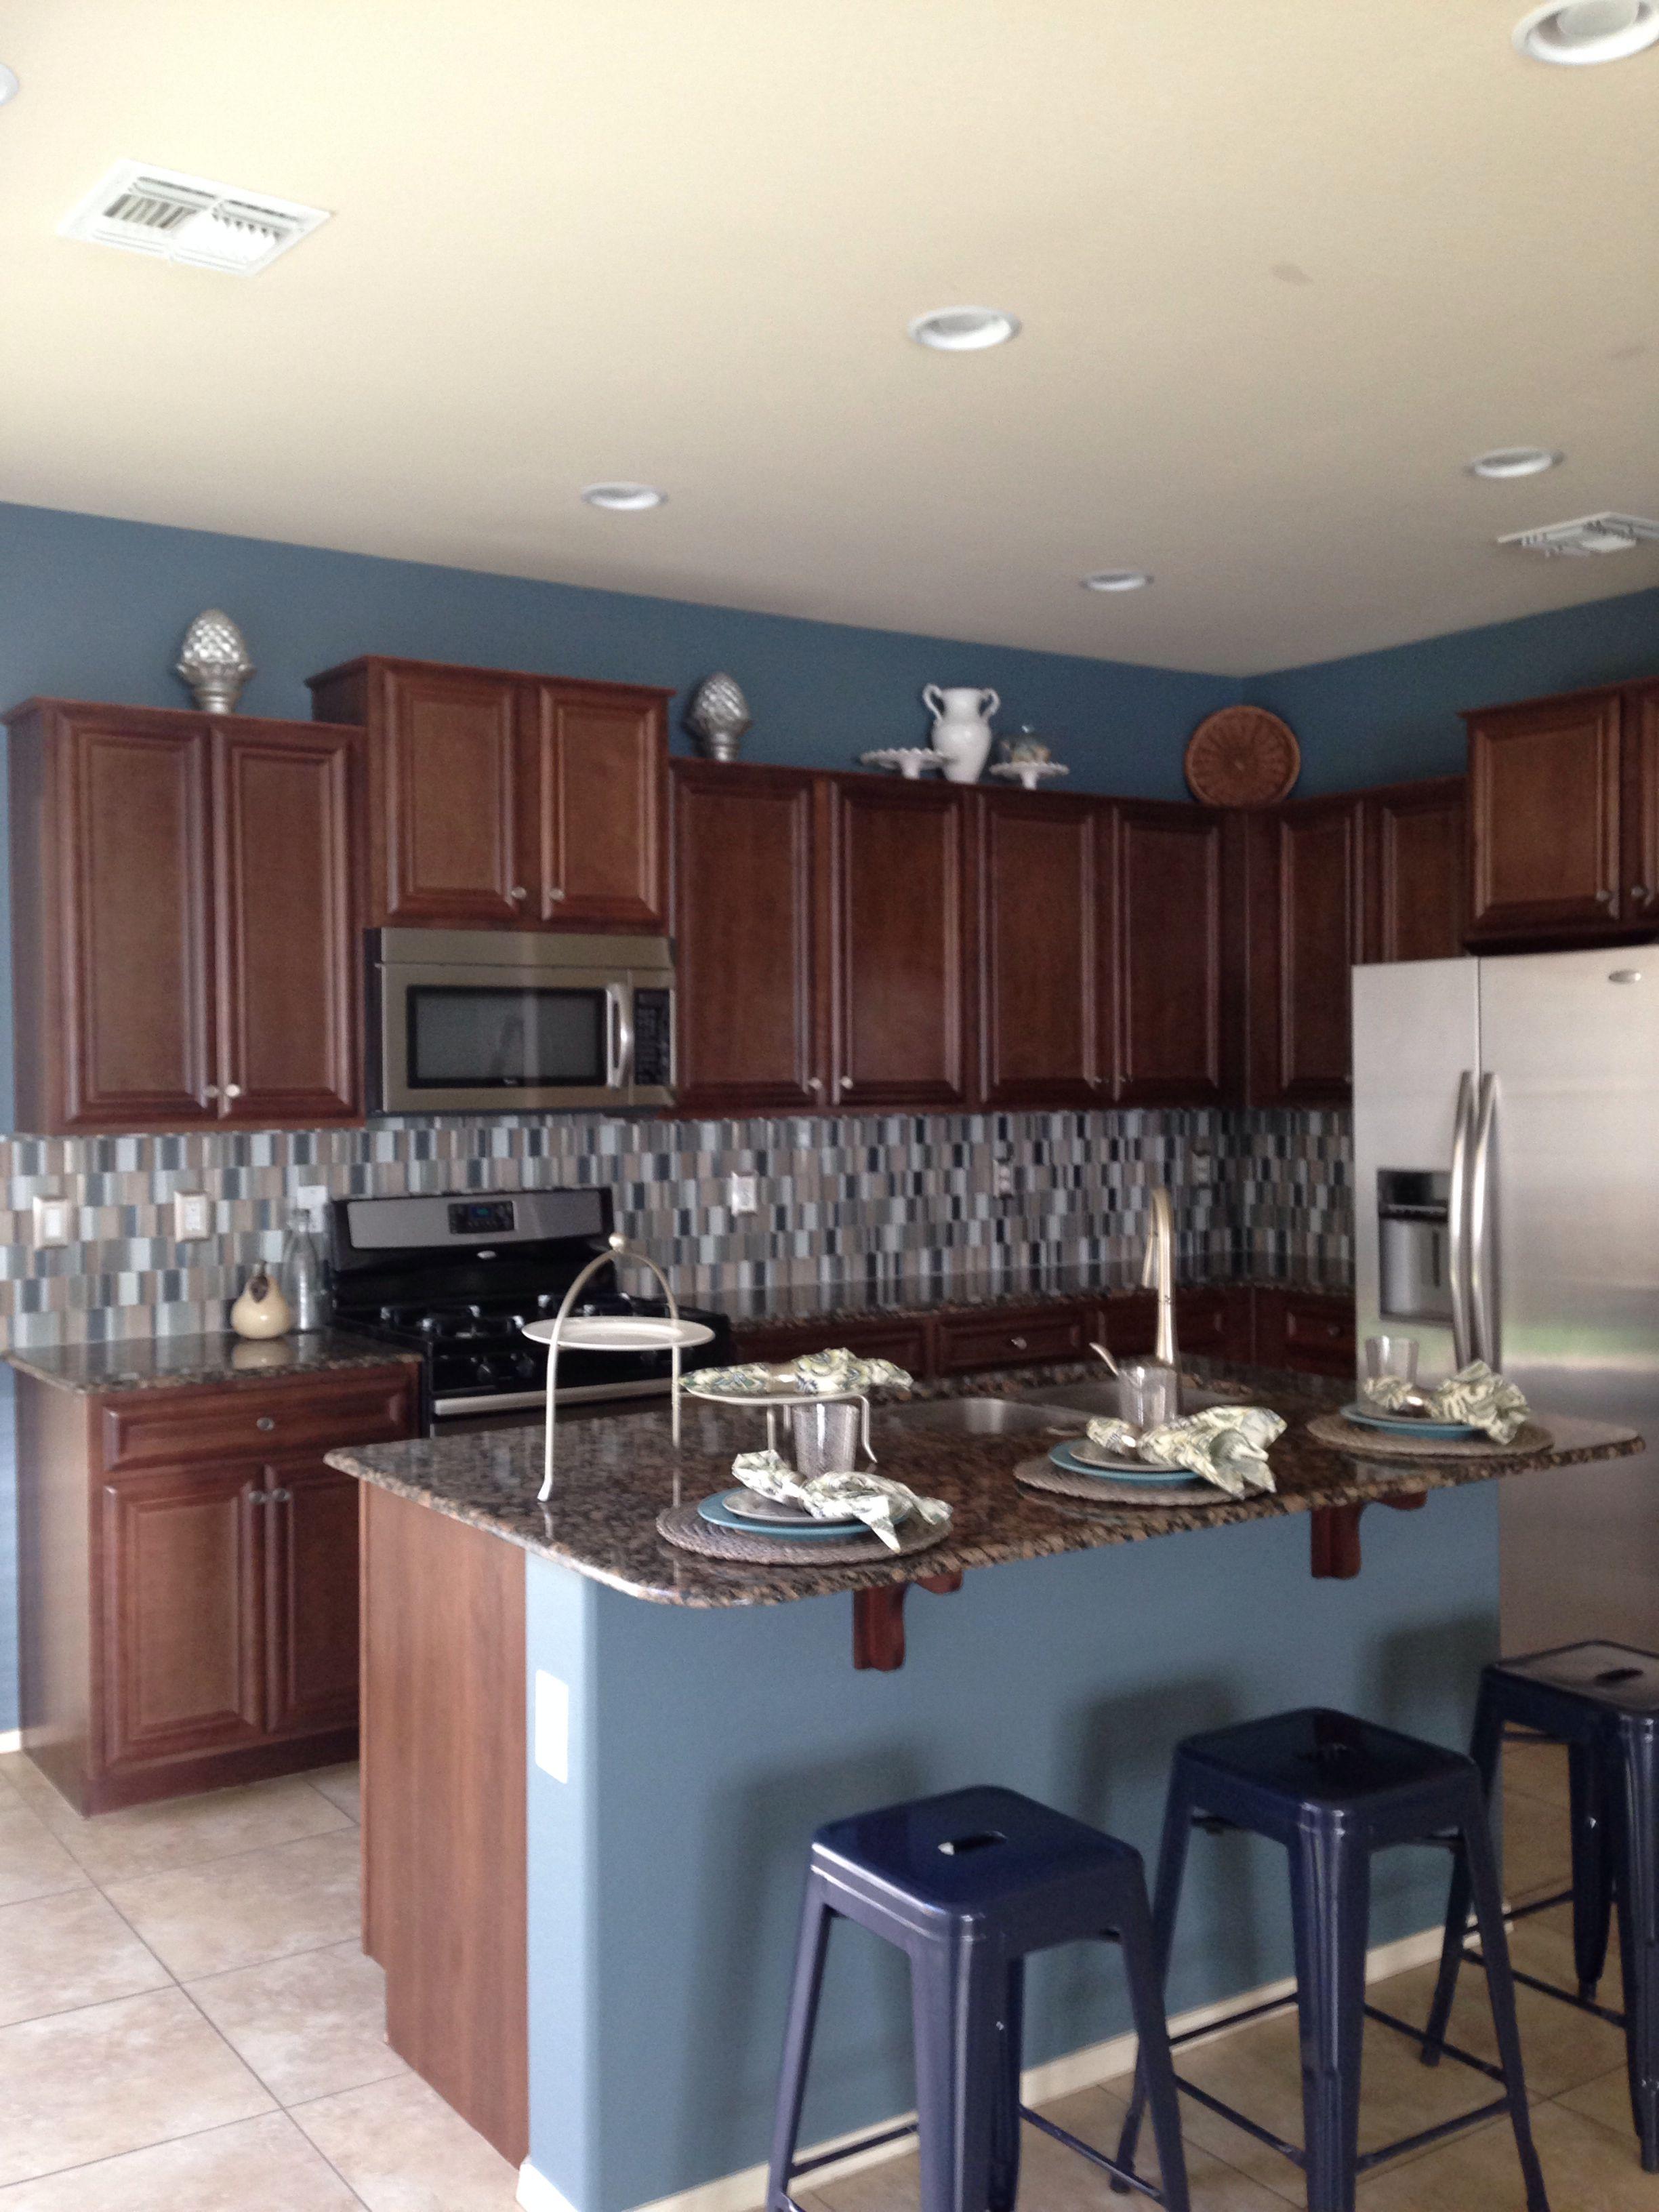 Brain Shuttle color | Property improvements, Kitchen ...